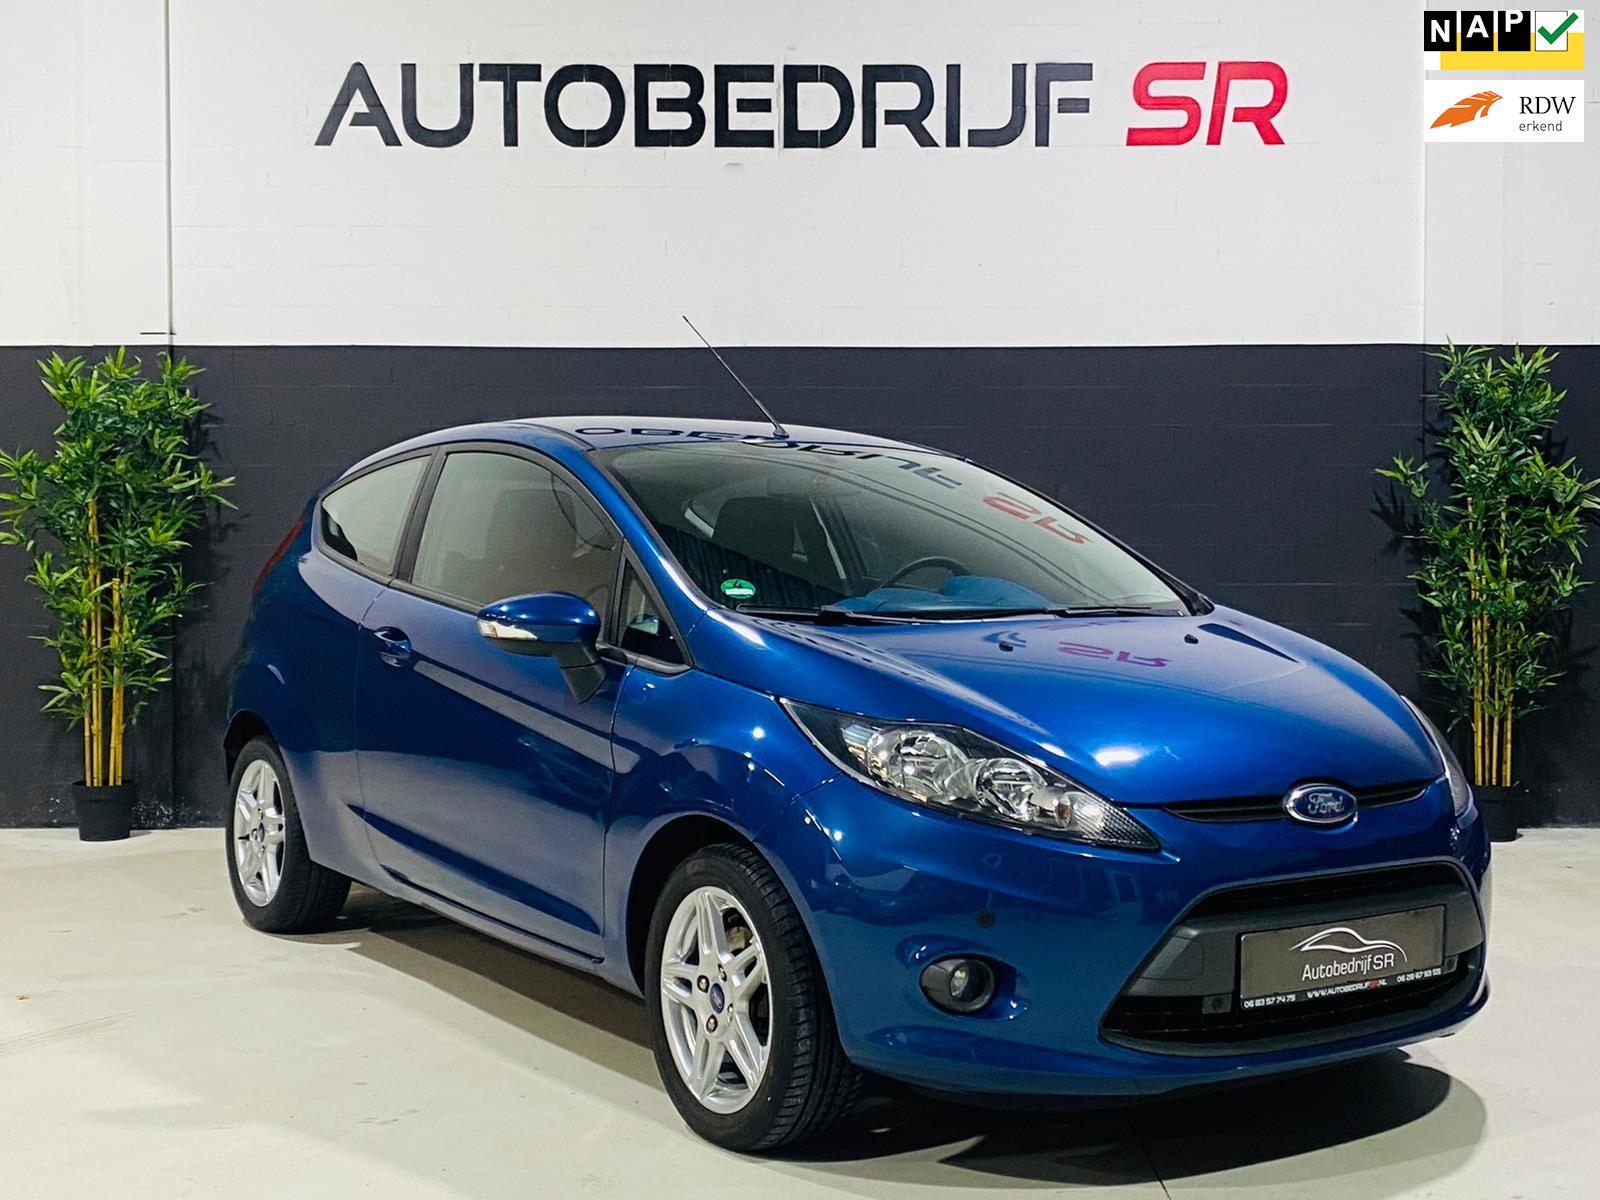 Ford Fiesta occasion - Autobedrijf SR